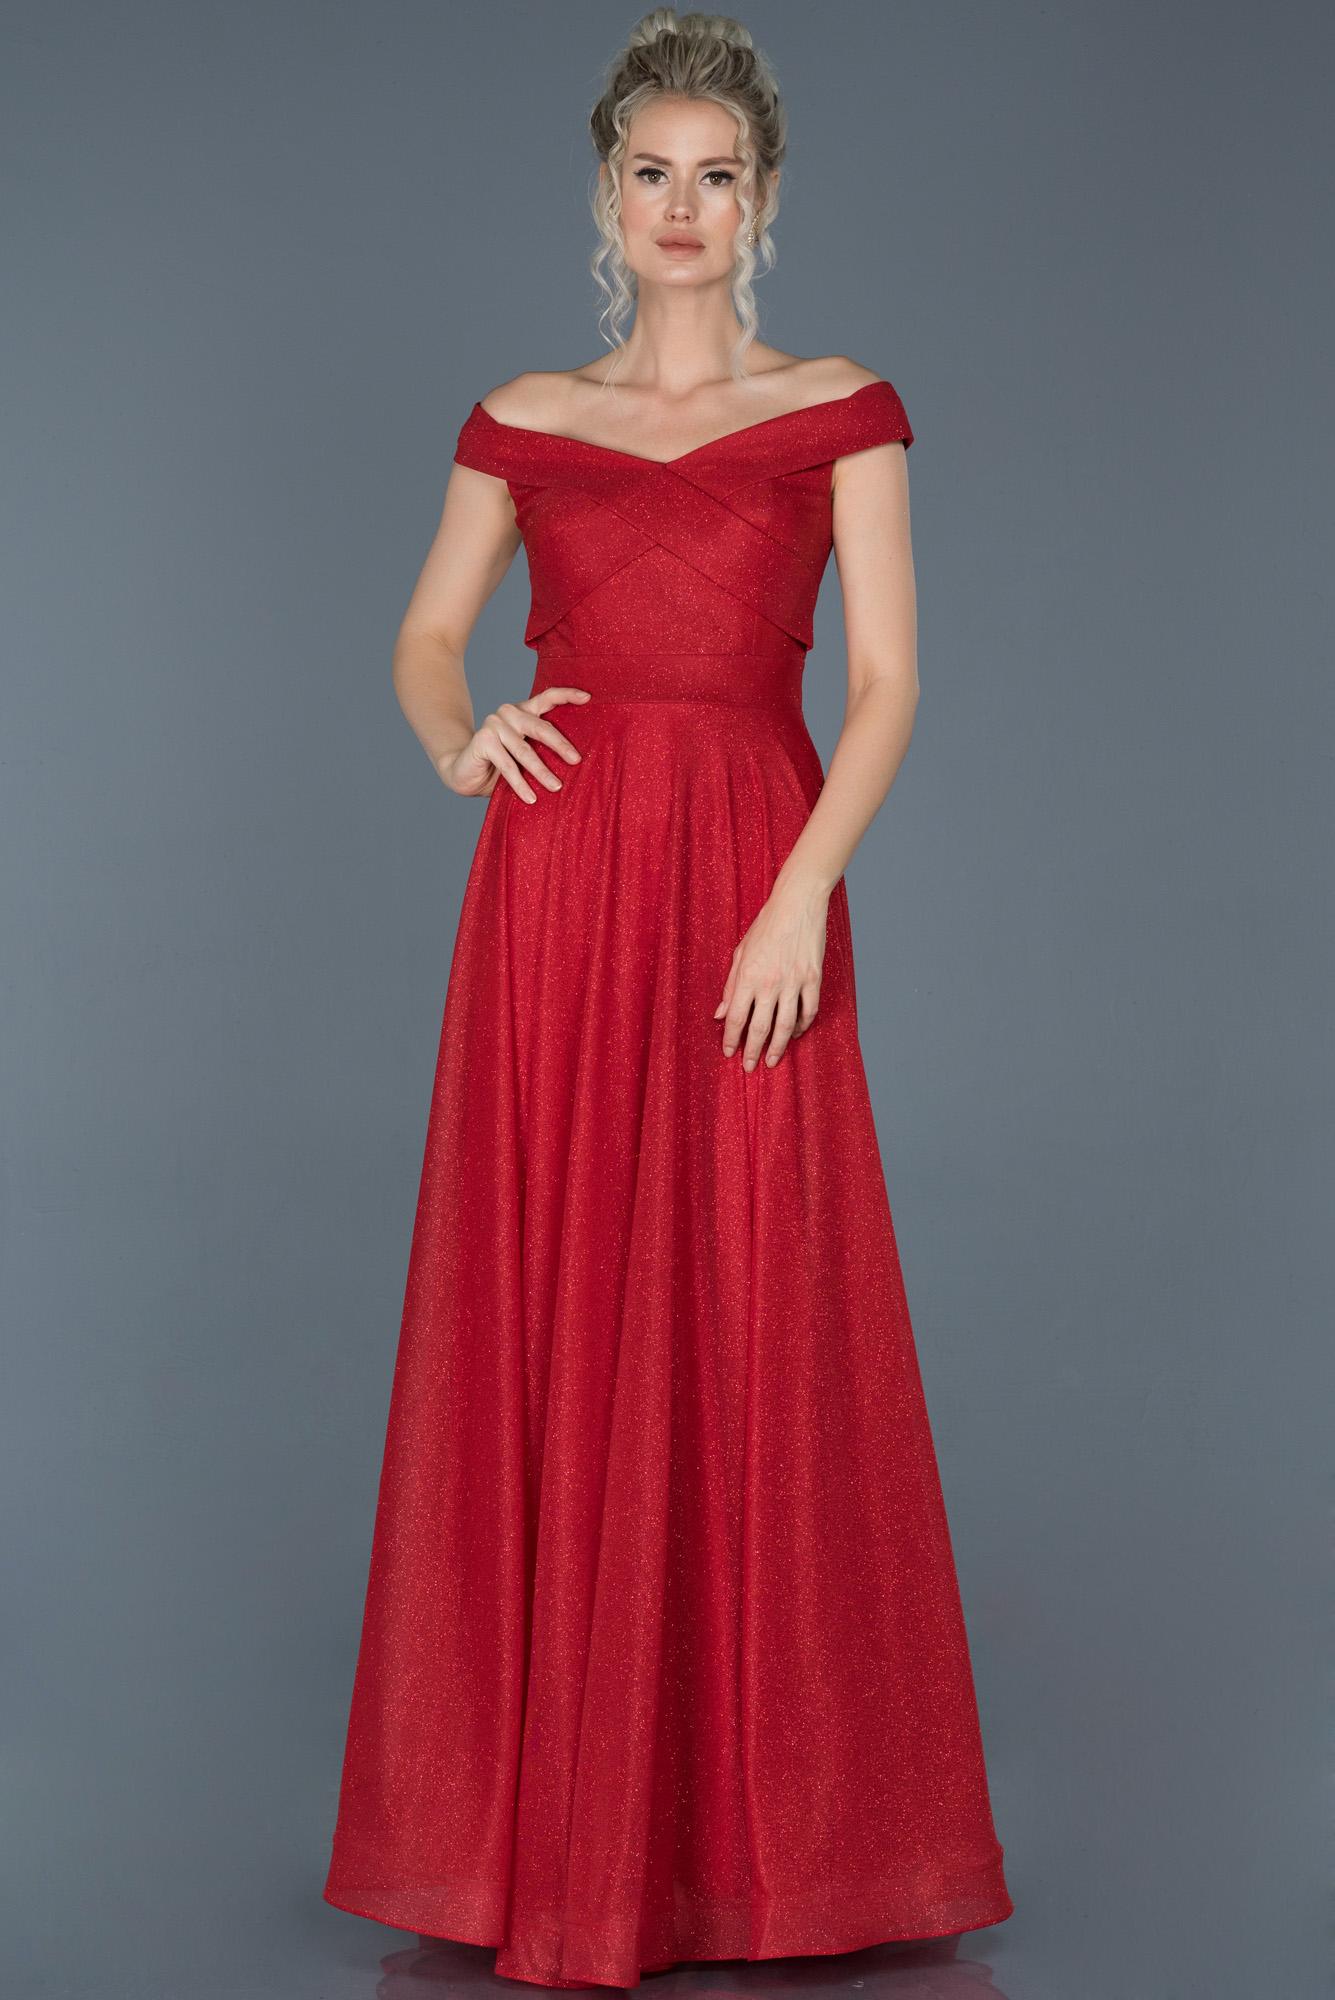 Kırmızı Uzun Simli Kayık Yaka Abiye Elbise